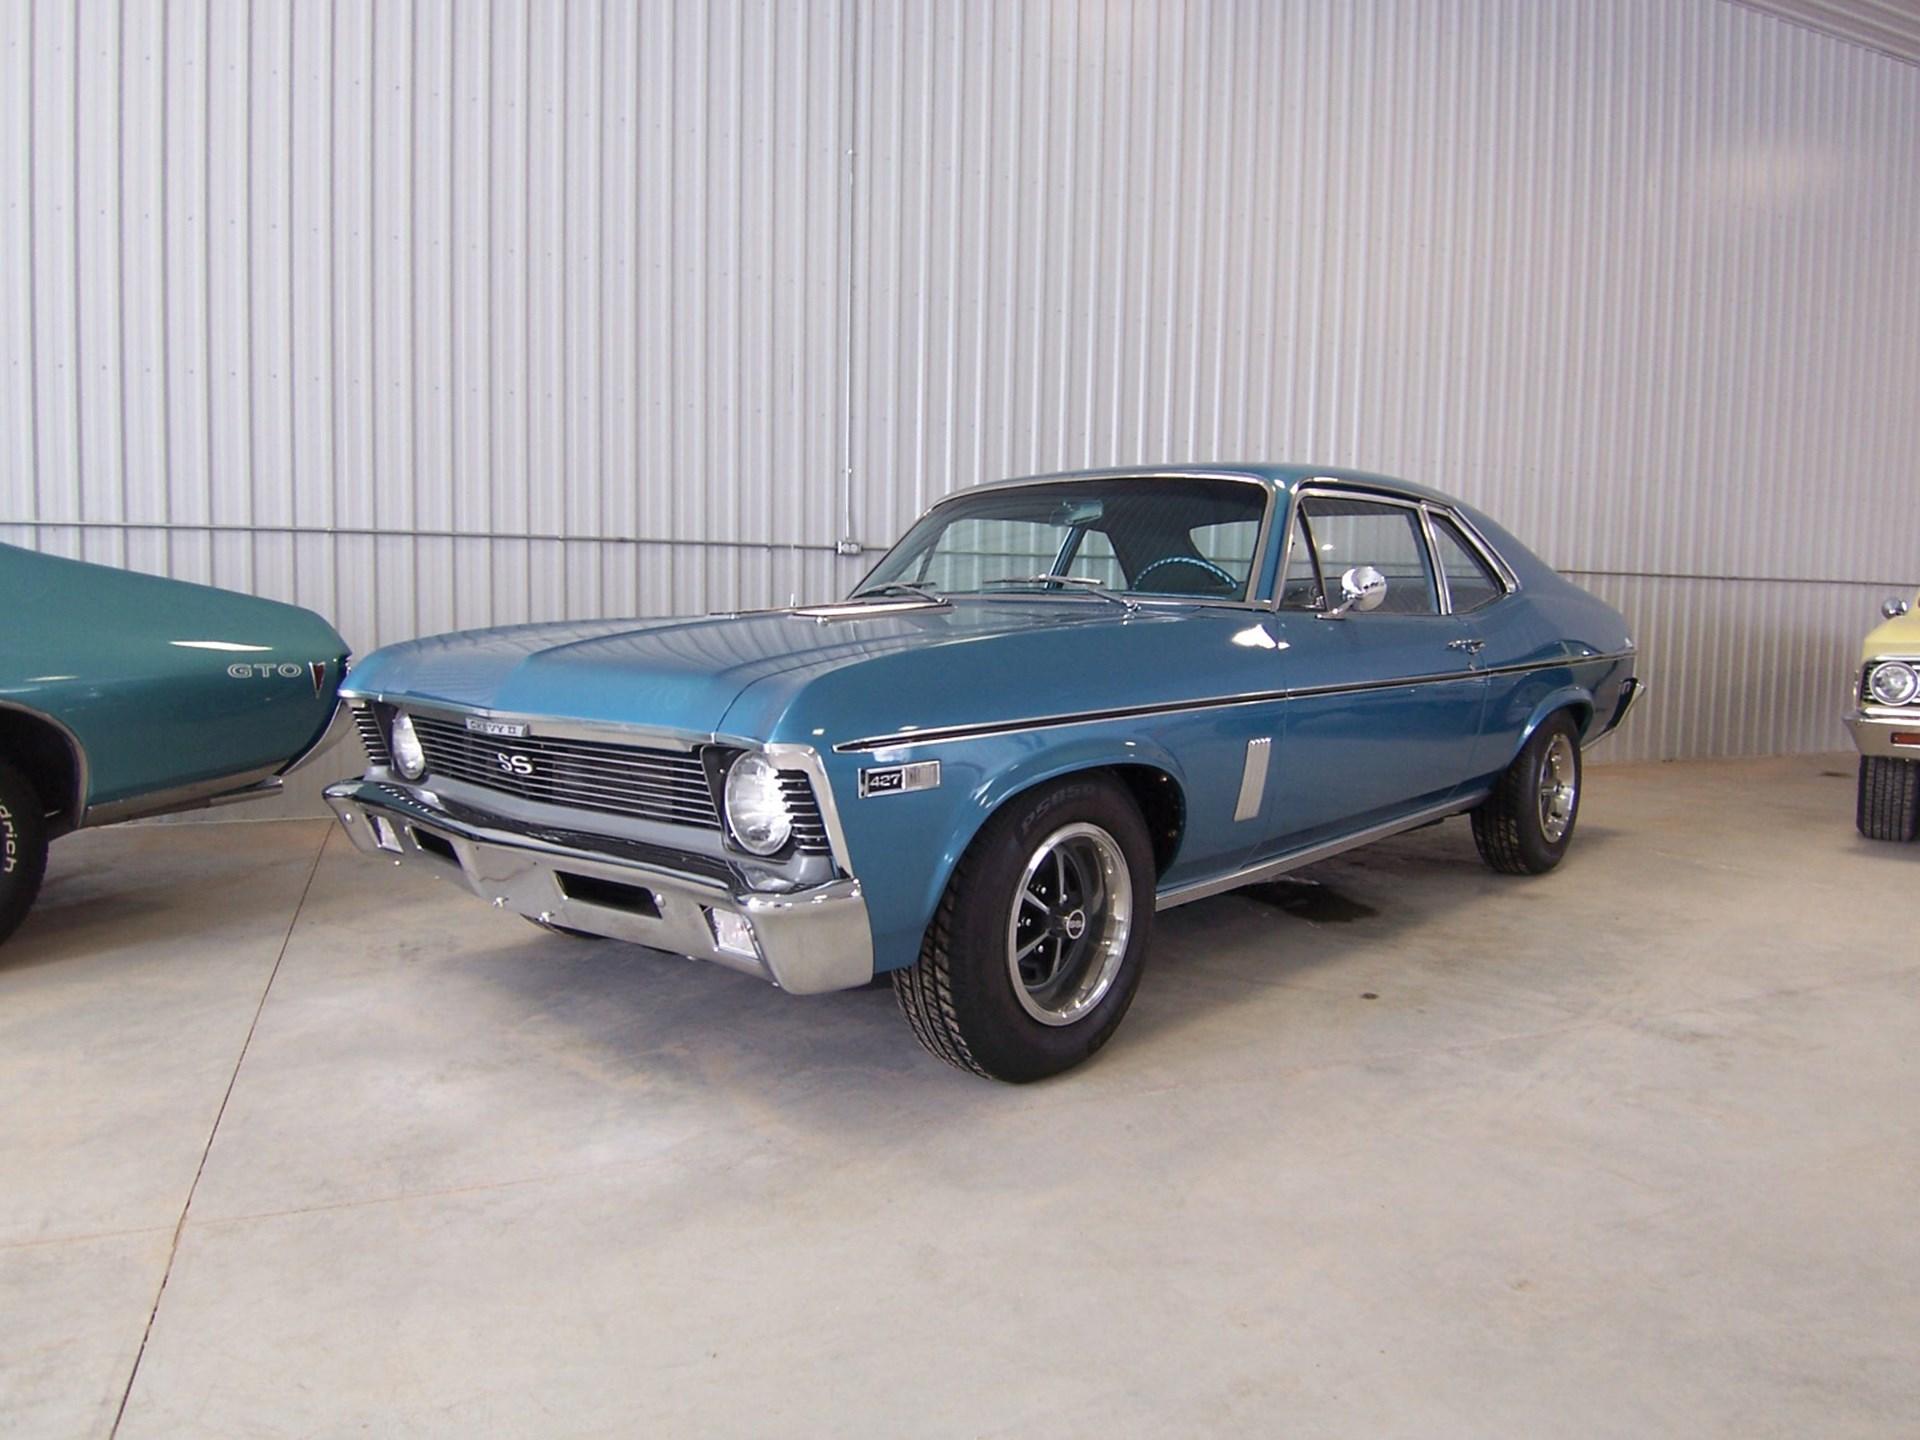 Rm Sothebys 1968 Chevrolet Nova Classic Car Auction Of Toronto Chevy Ss